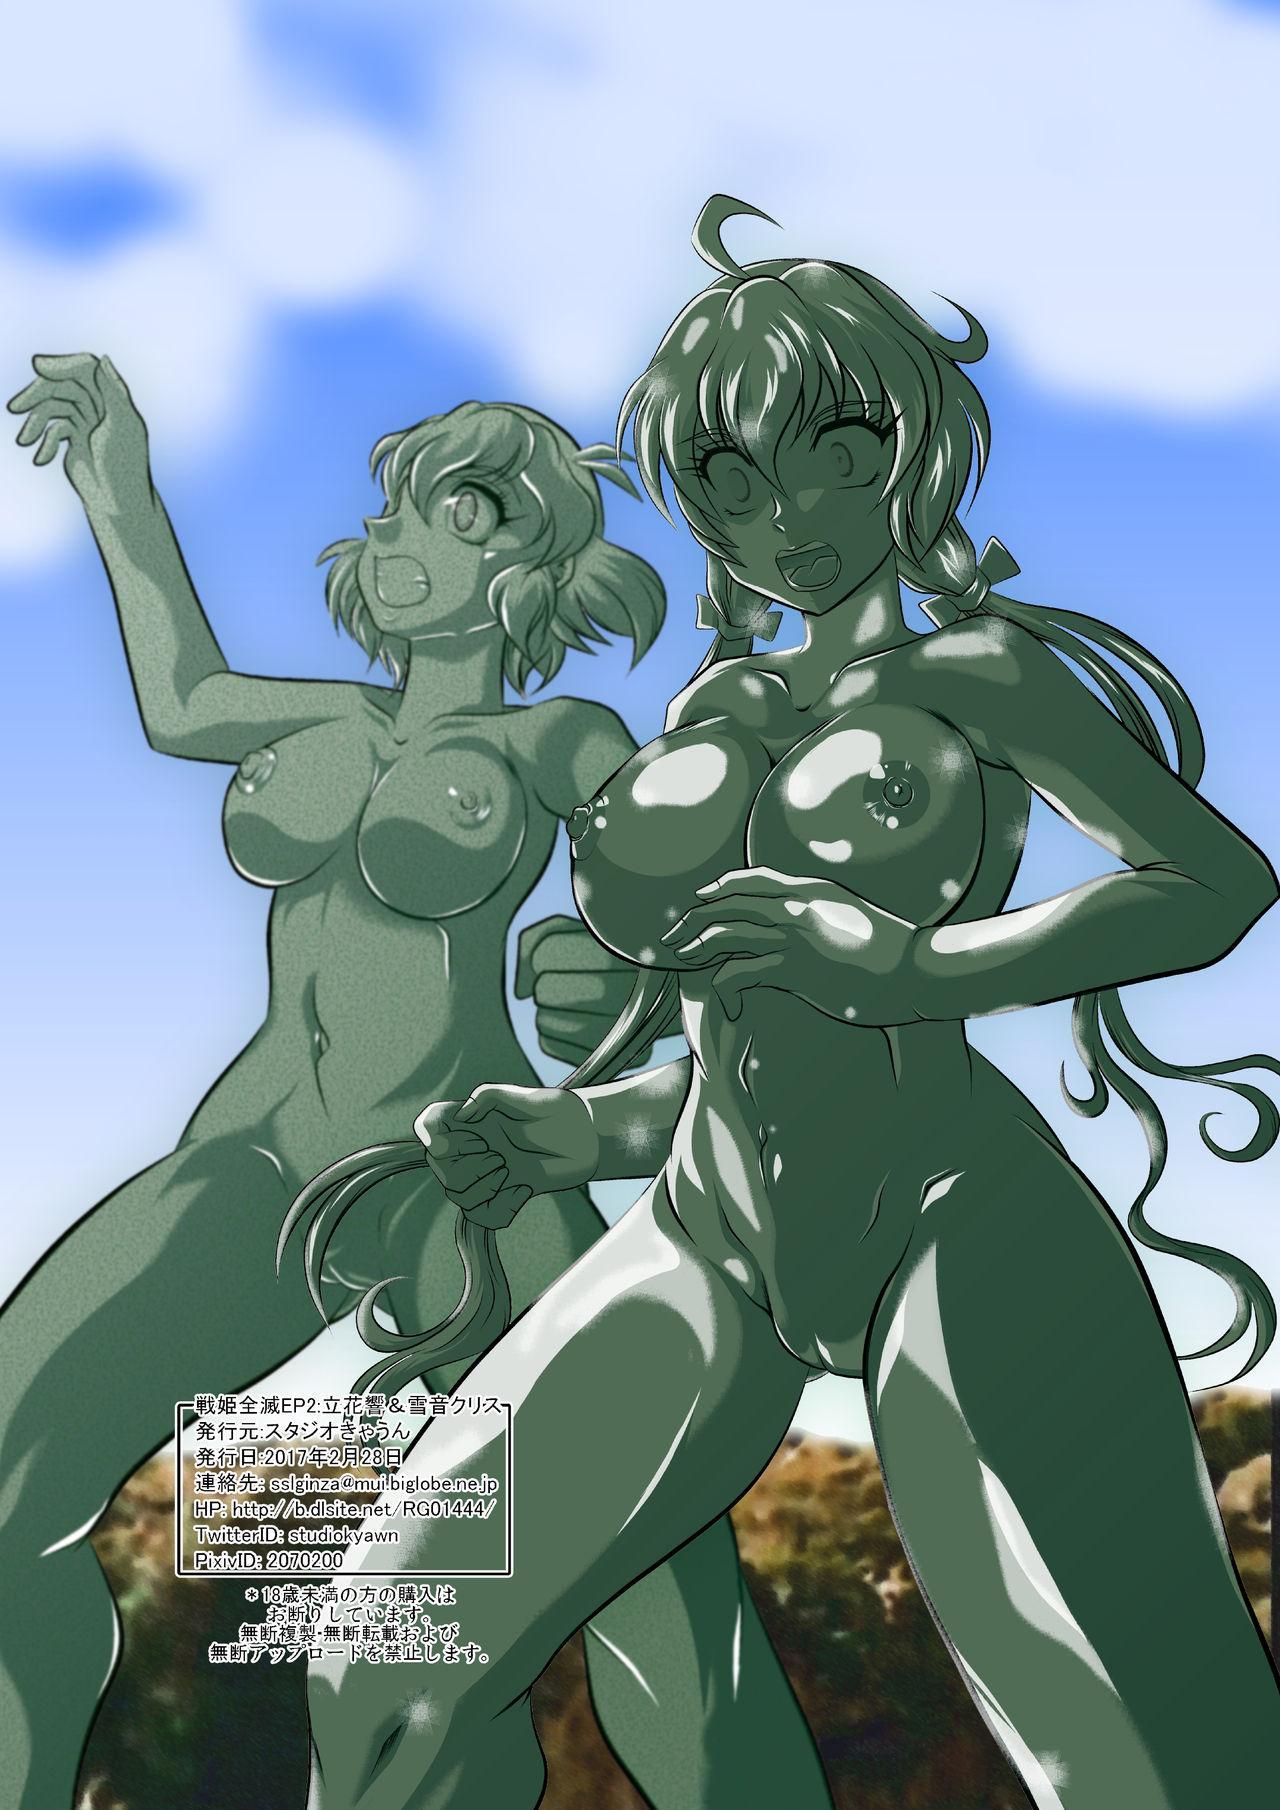 Senki Zenmetsu EP 2: Tachibana Hibiki & Yukine Chris 23